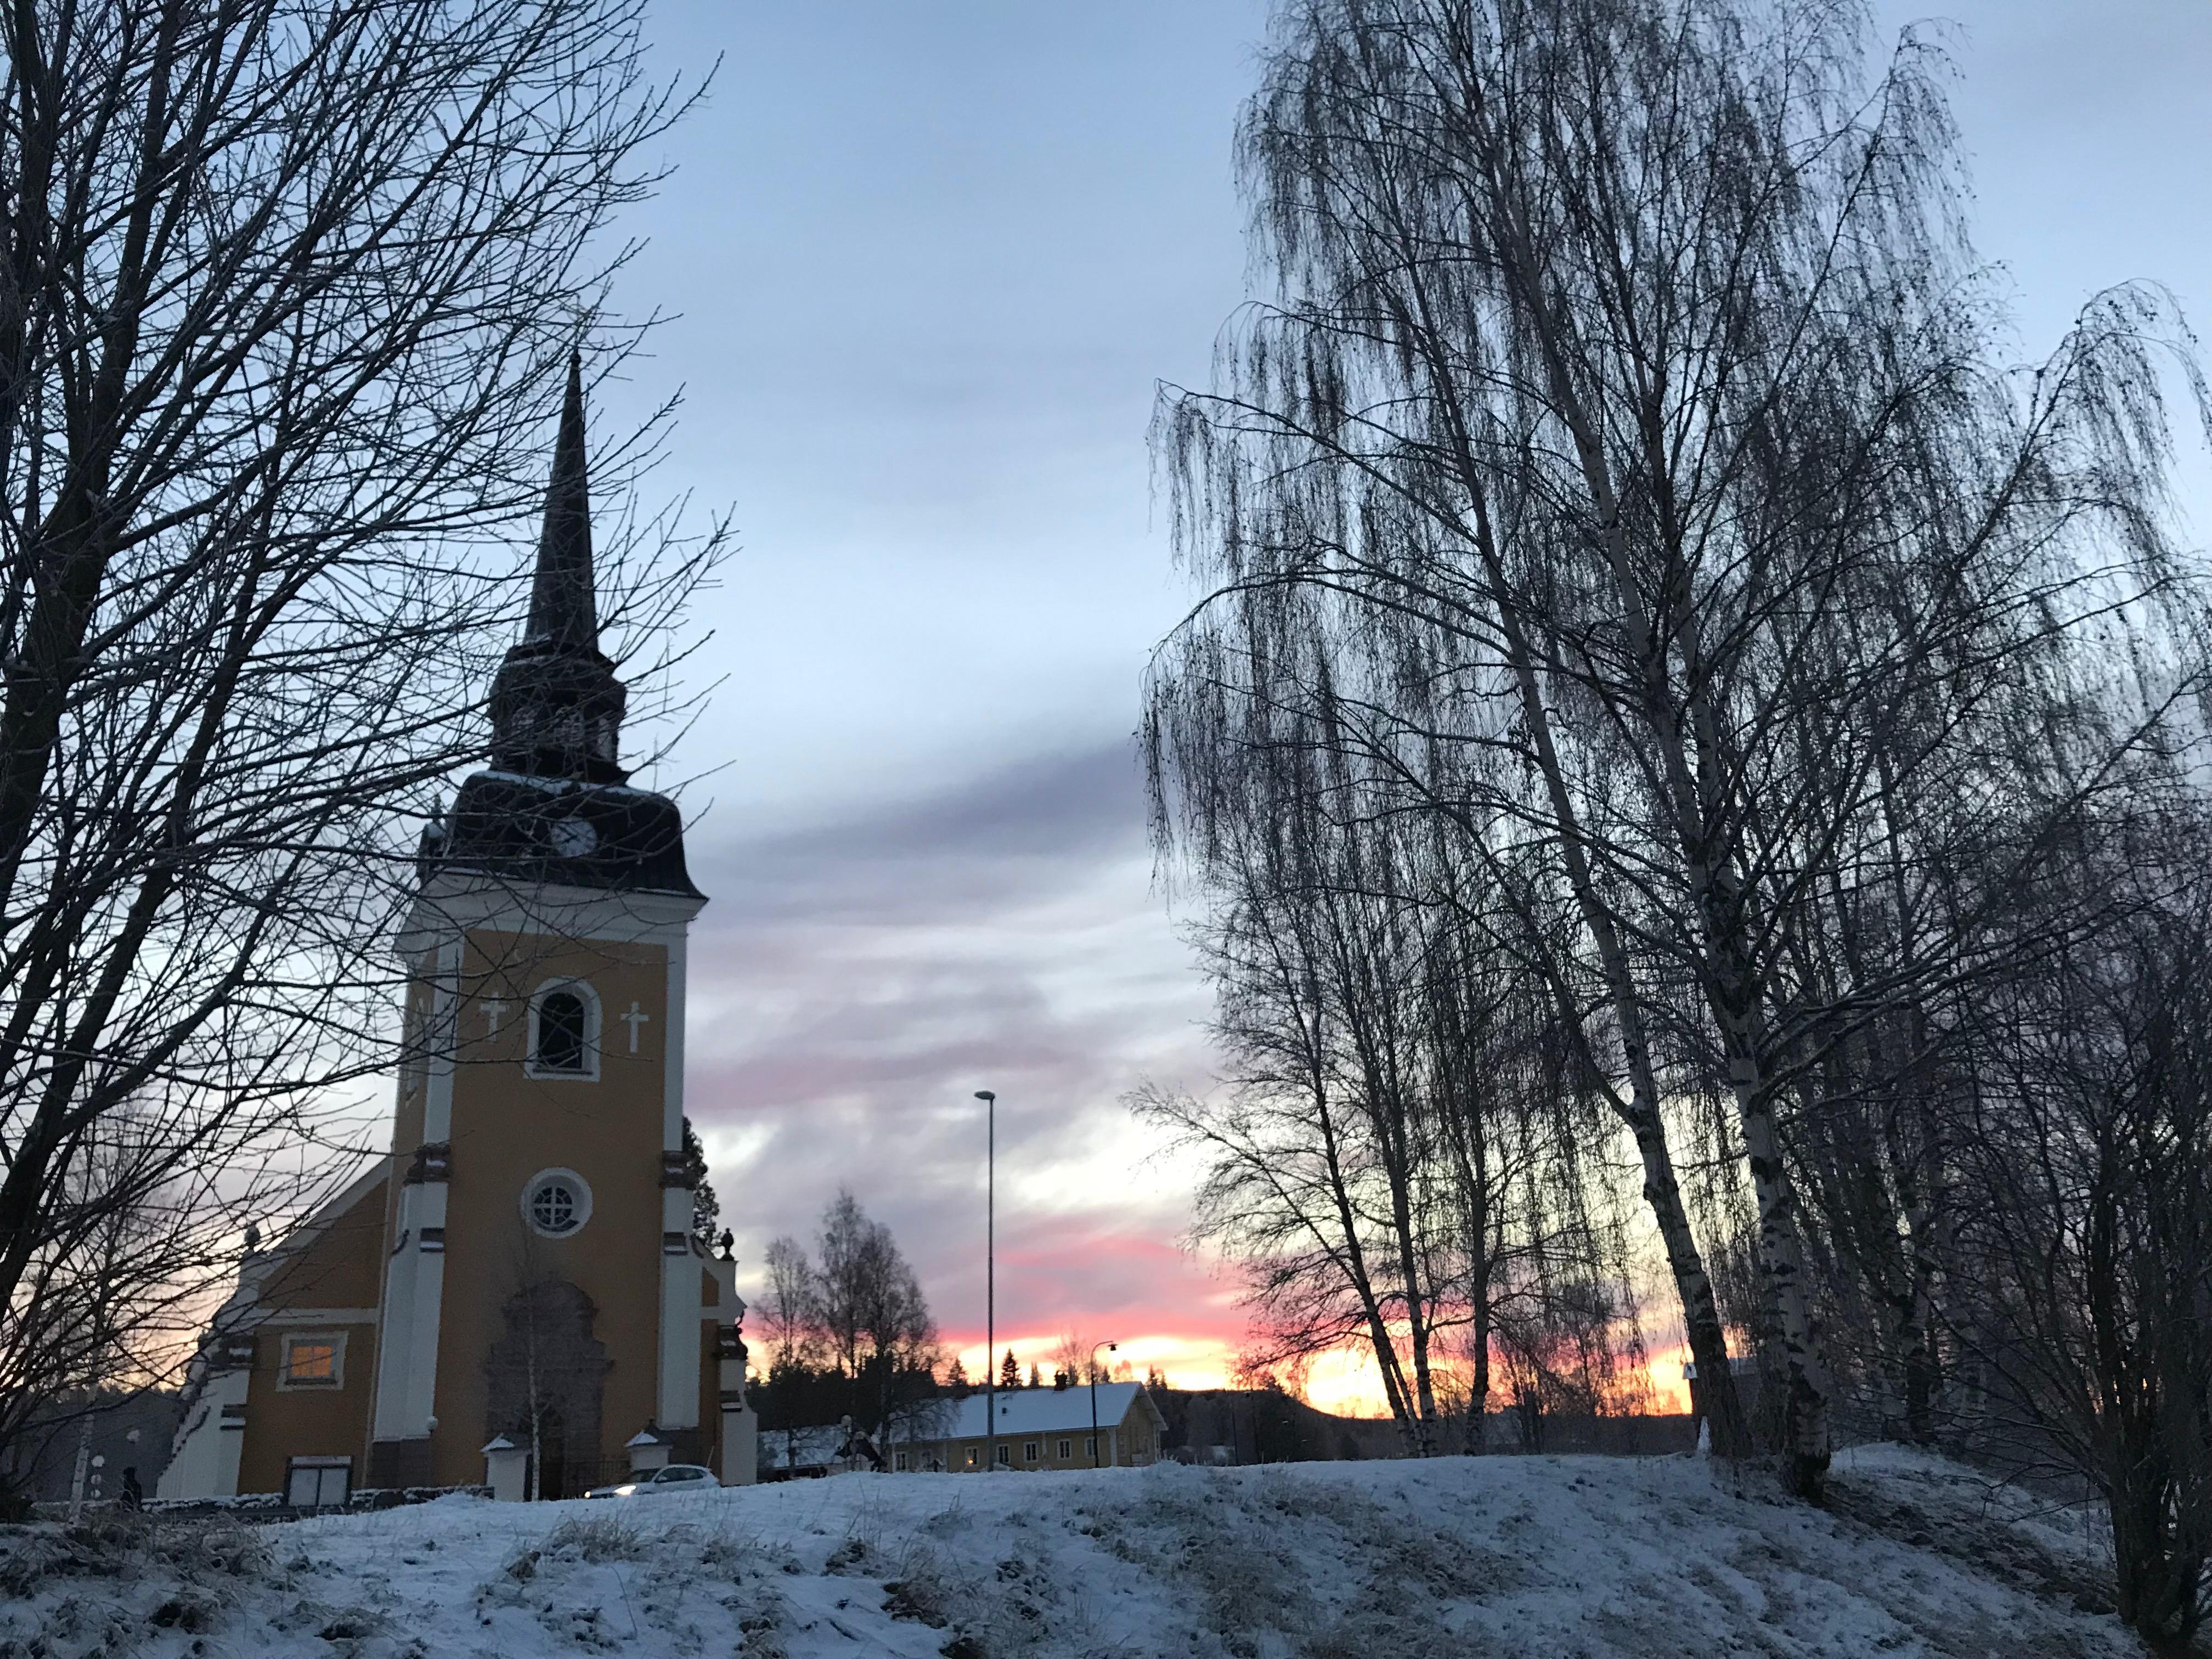 Kyrkan i Älvdalen om ombyggd, men låg på samma plats år 1668. Det var på den här platsen Pastor Elvius predikade om Satan med sådan glöd att byborna var beredd att avrätta grannar och släktingar.